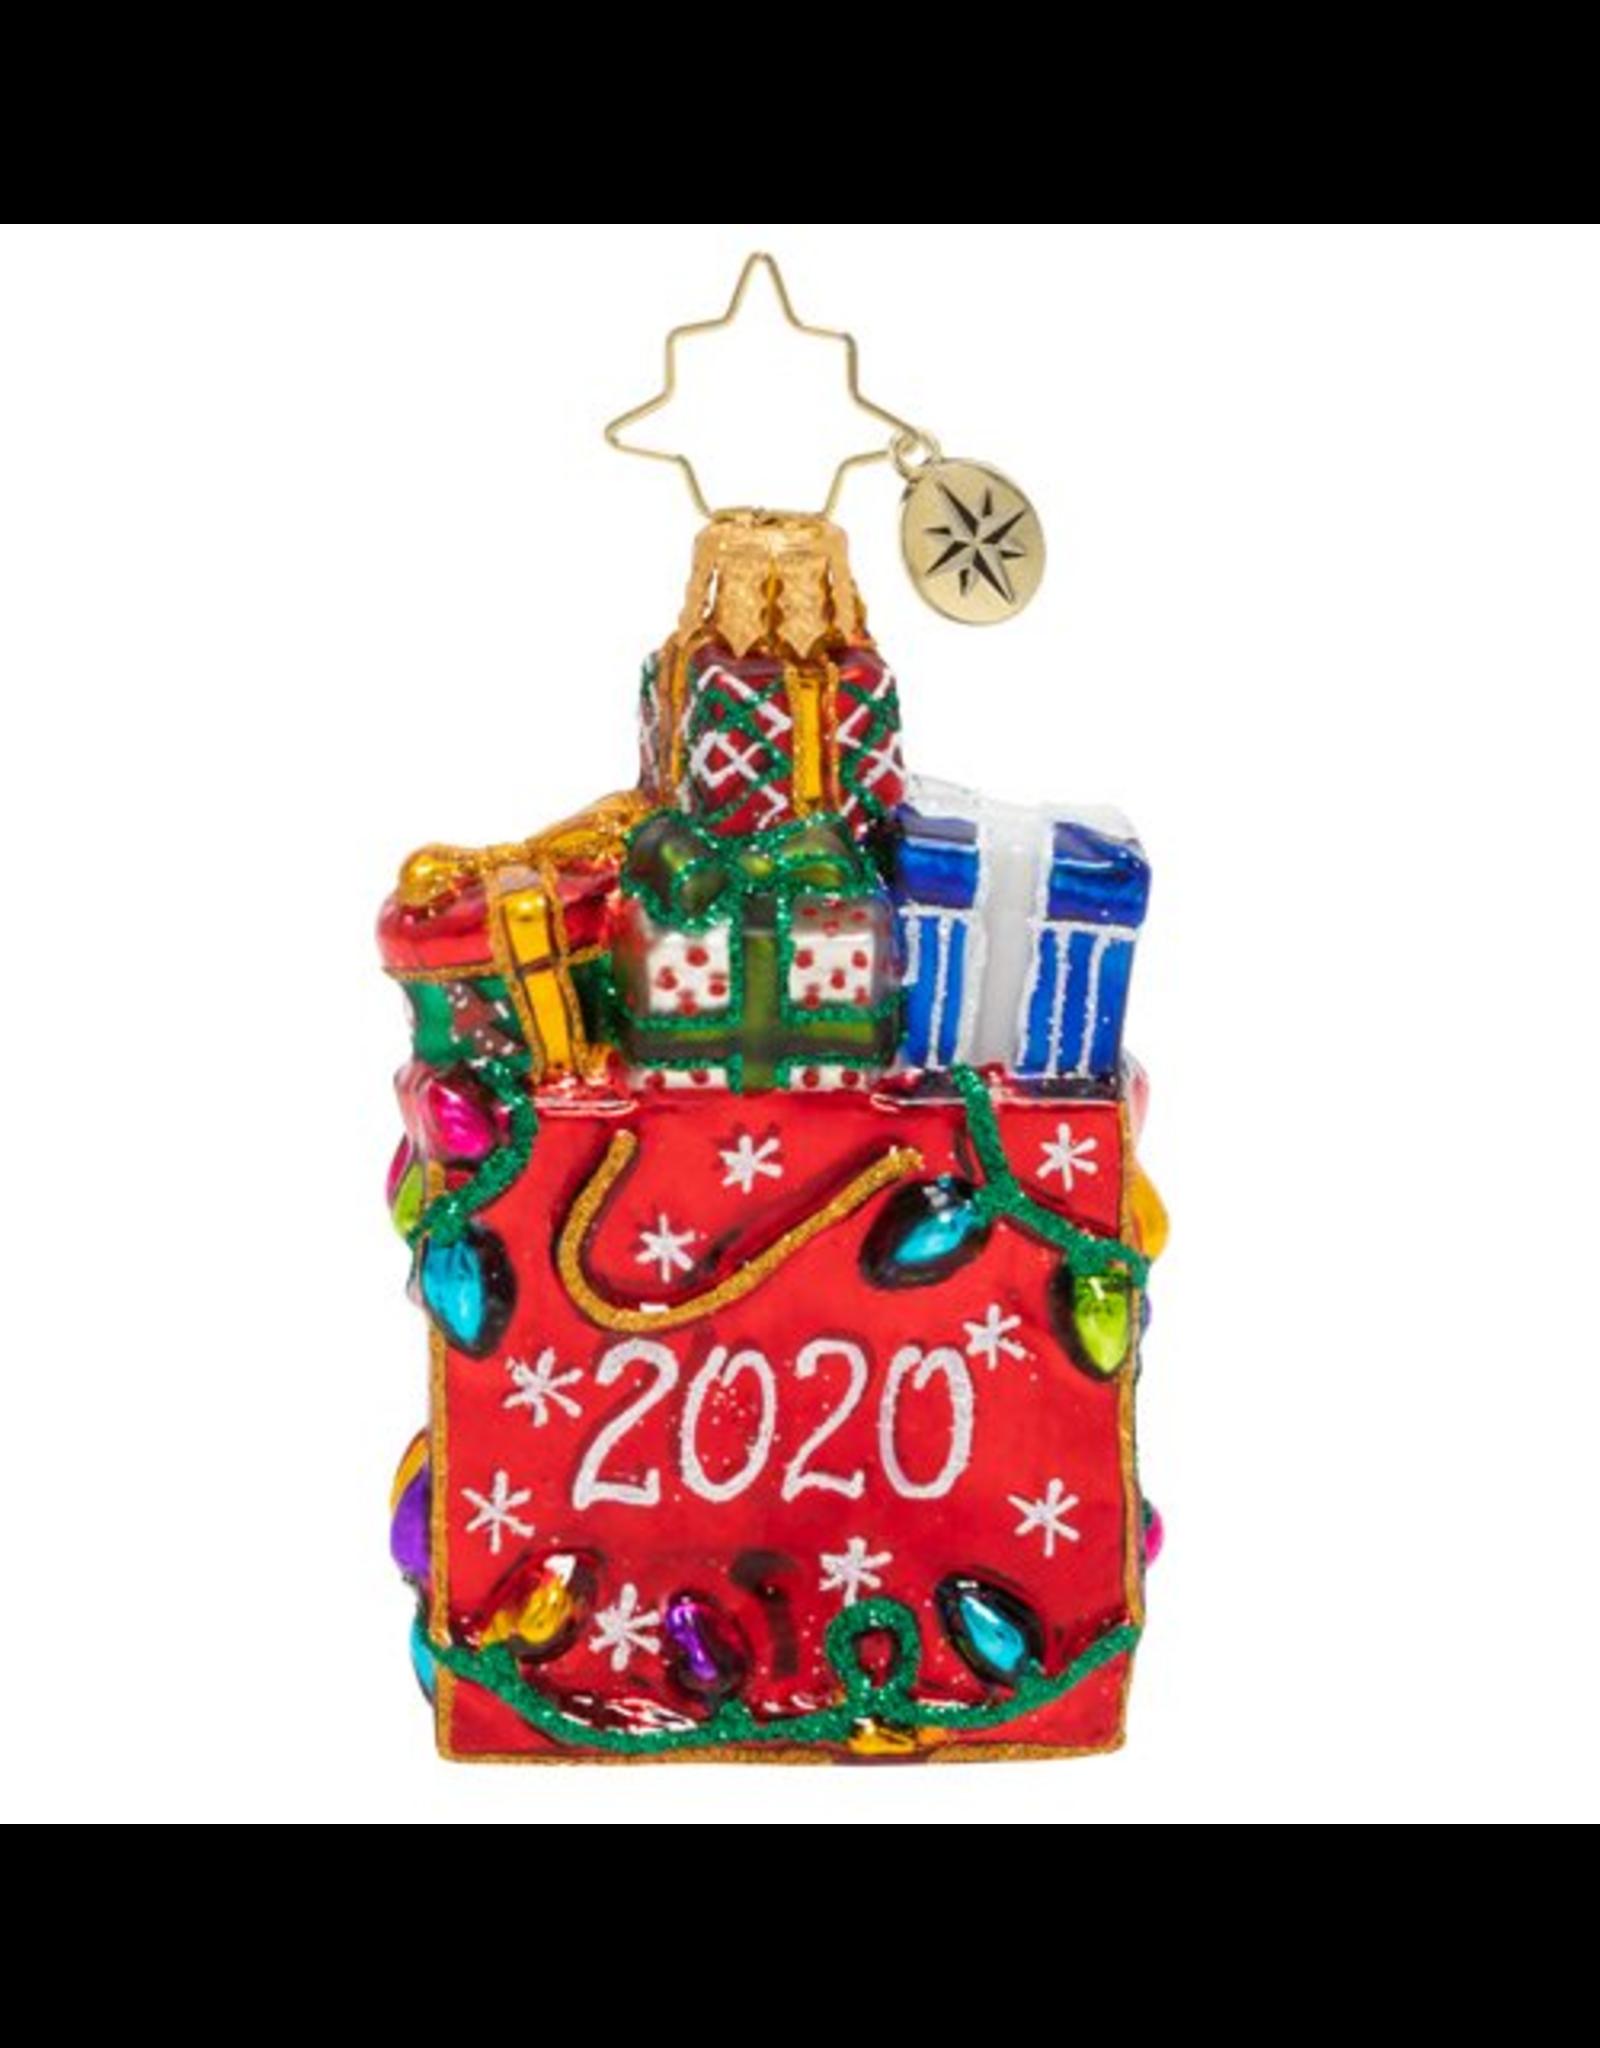 Radko 2020 Goodie Bag Gem